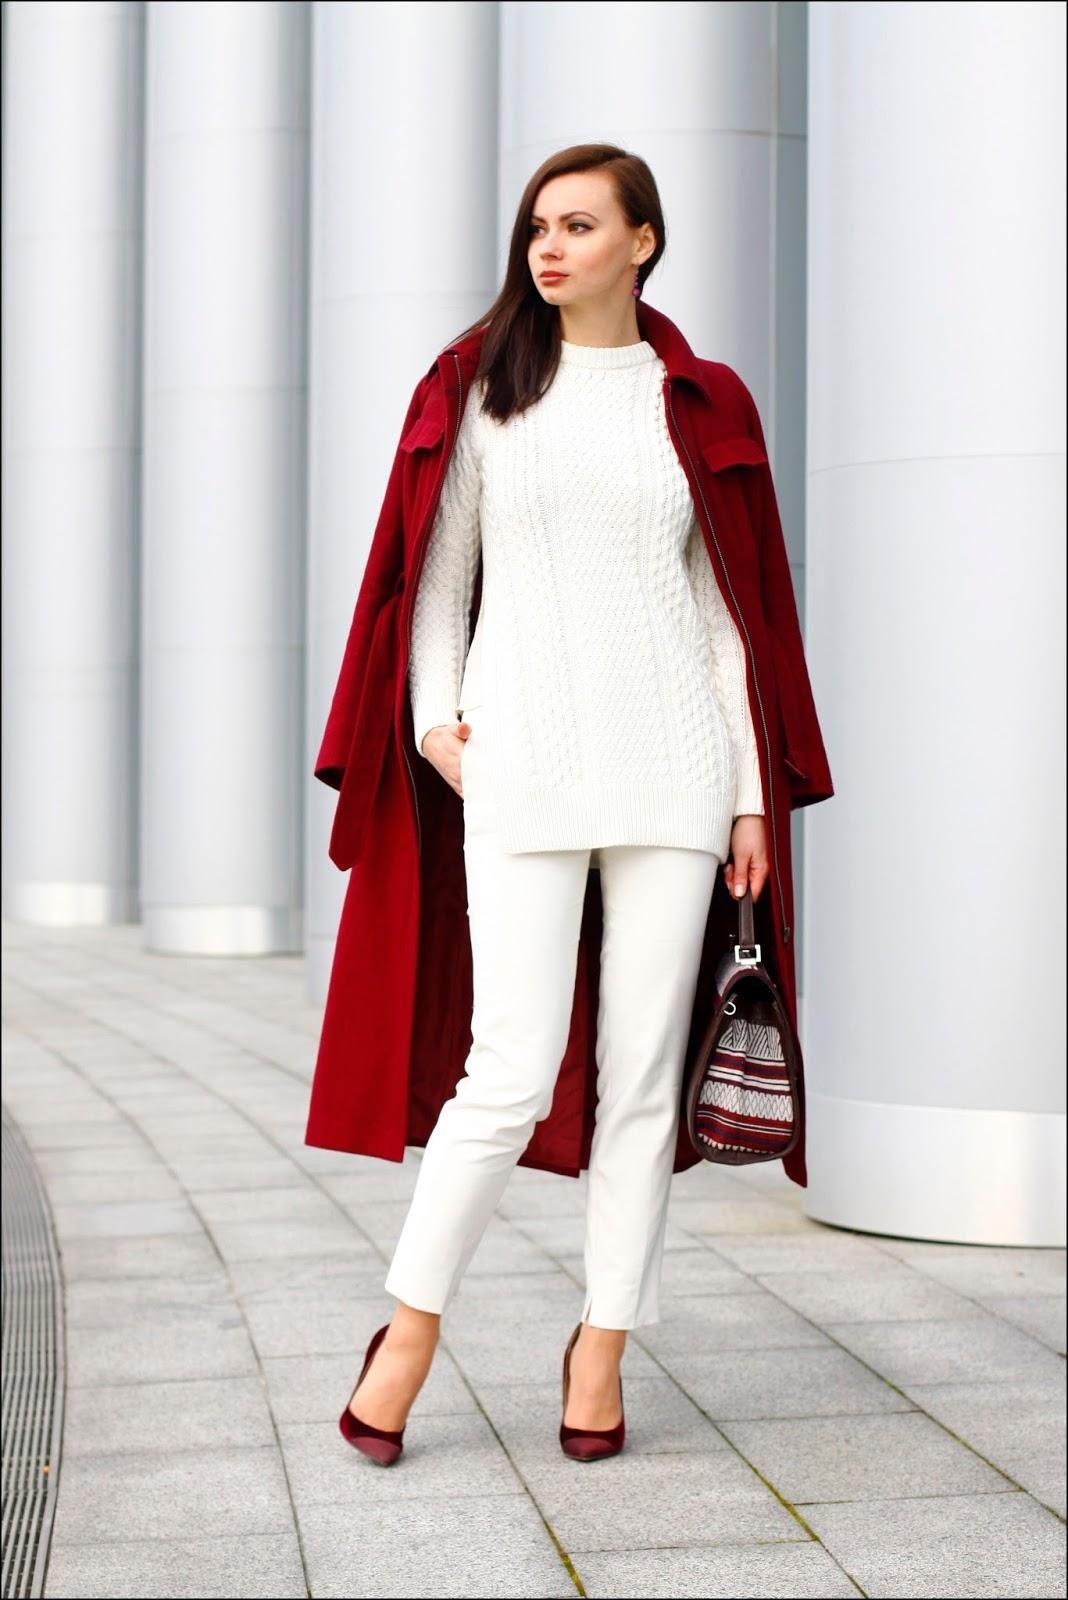 Velvet Outfit ideas-20 Ways to Wear Velvet Dresses Stylishly Velvet Outfit ideas-20 Ways to Wear Velvet Dresses Stylishly new picture